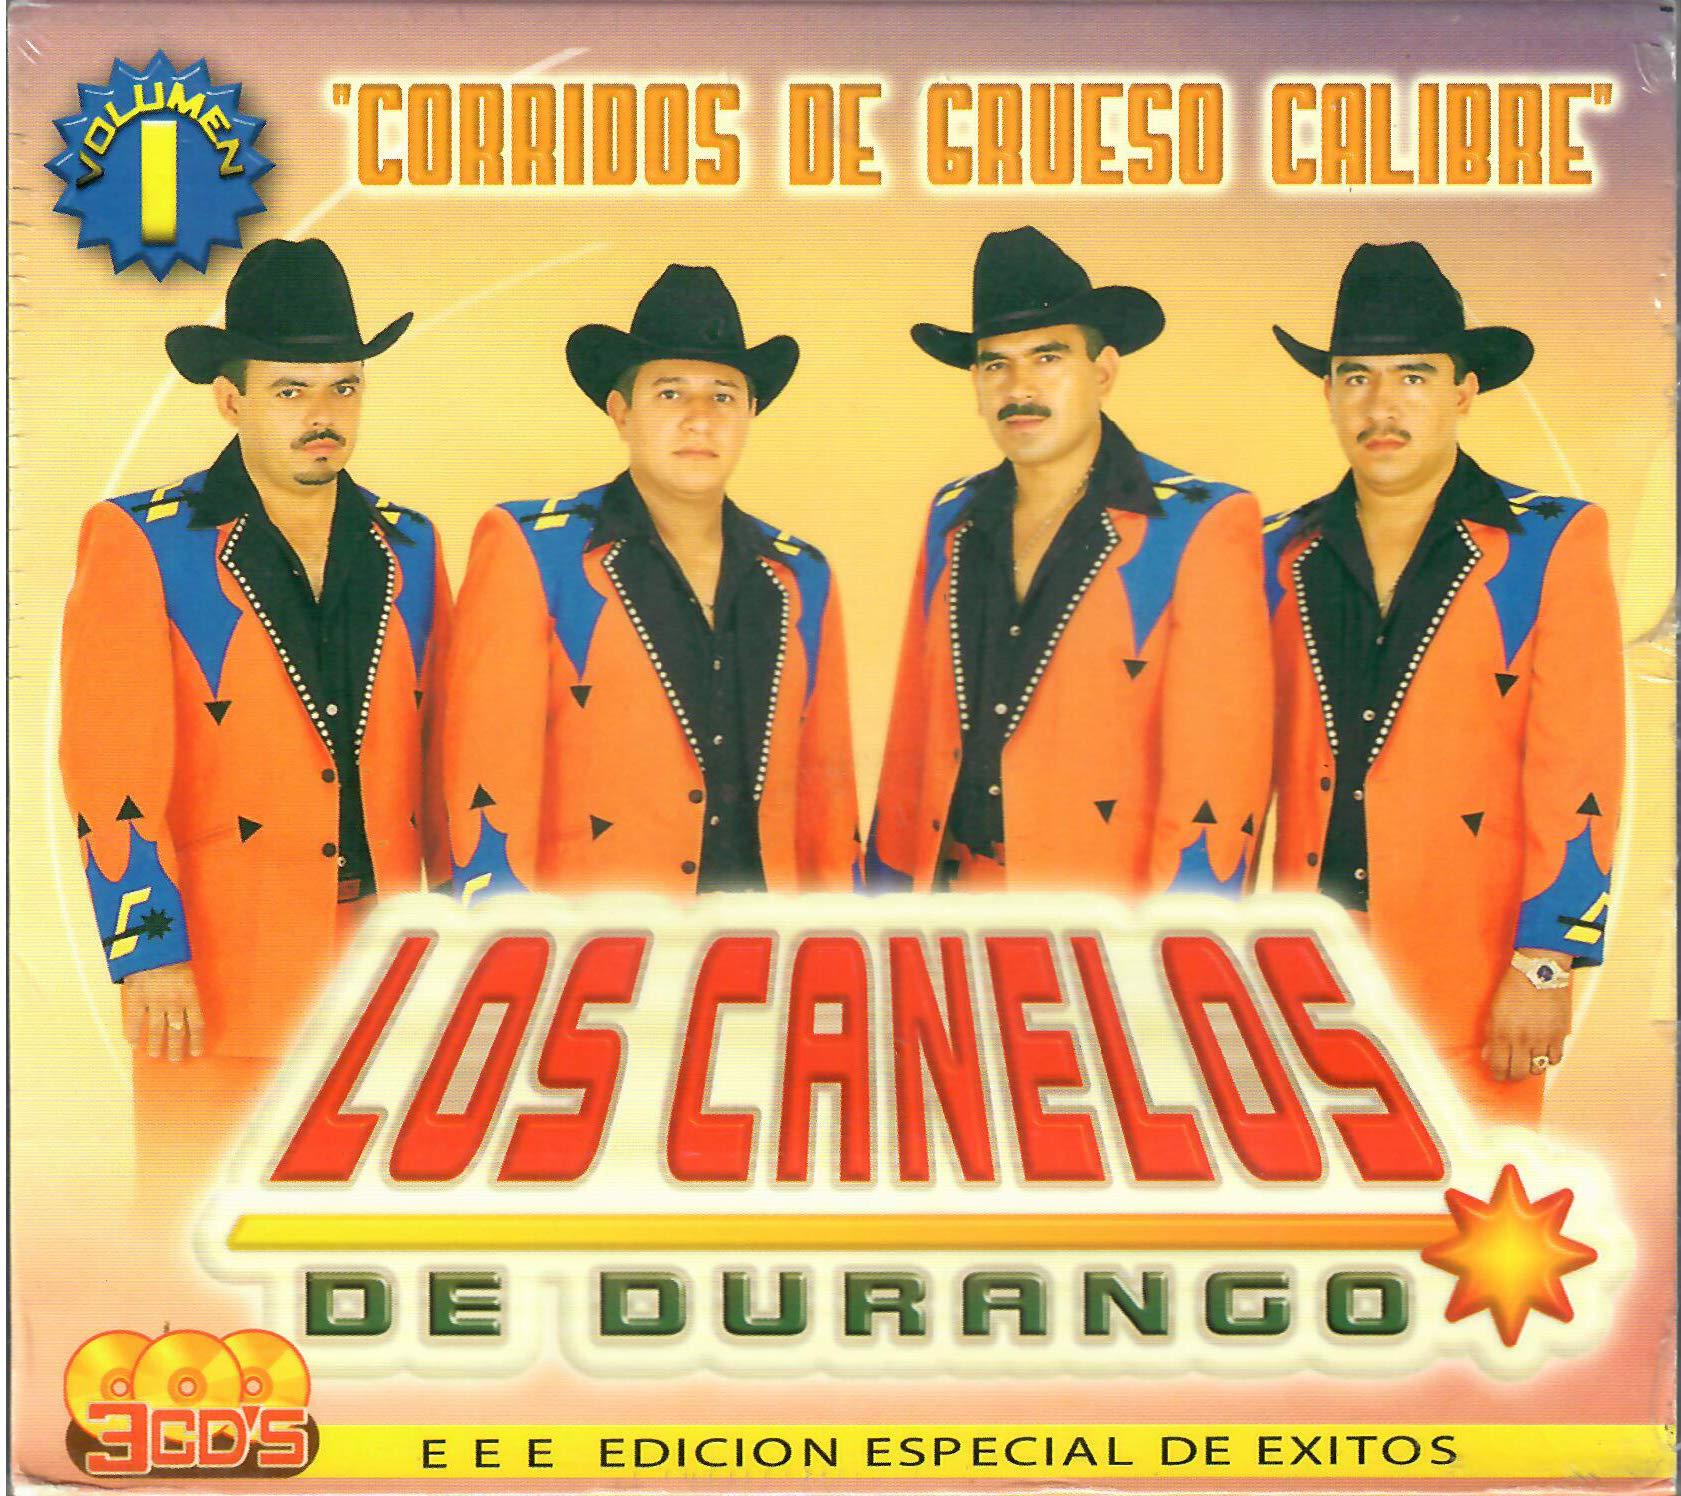 Canciones y Corridos by Cintas Acuario